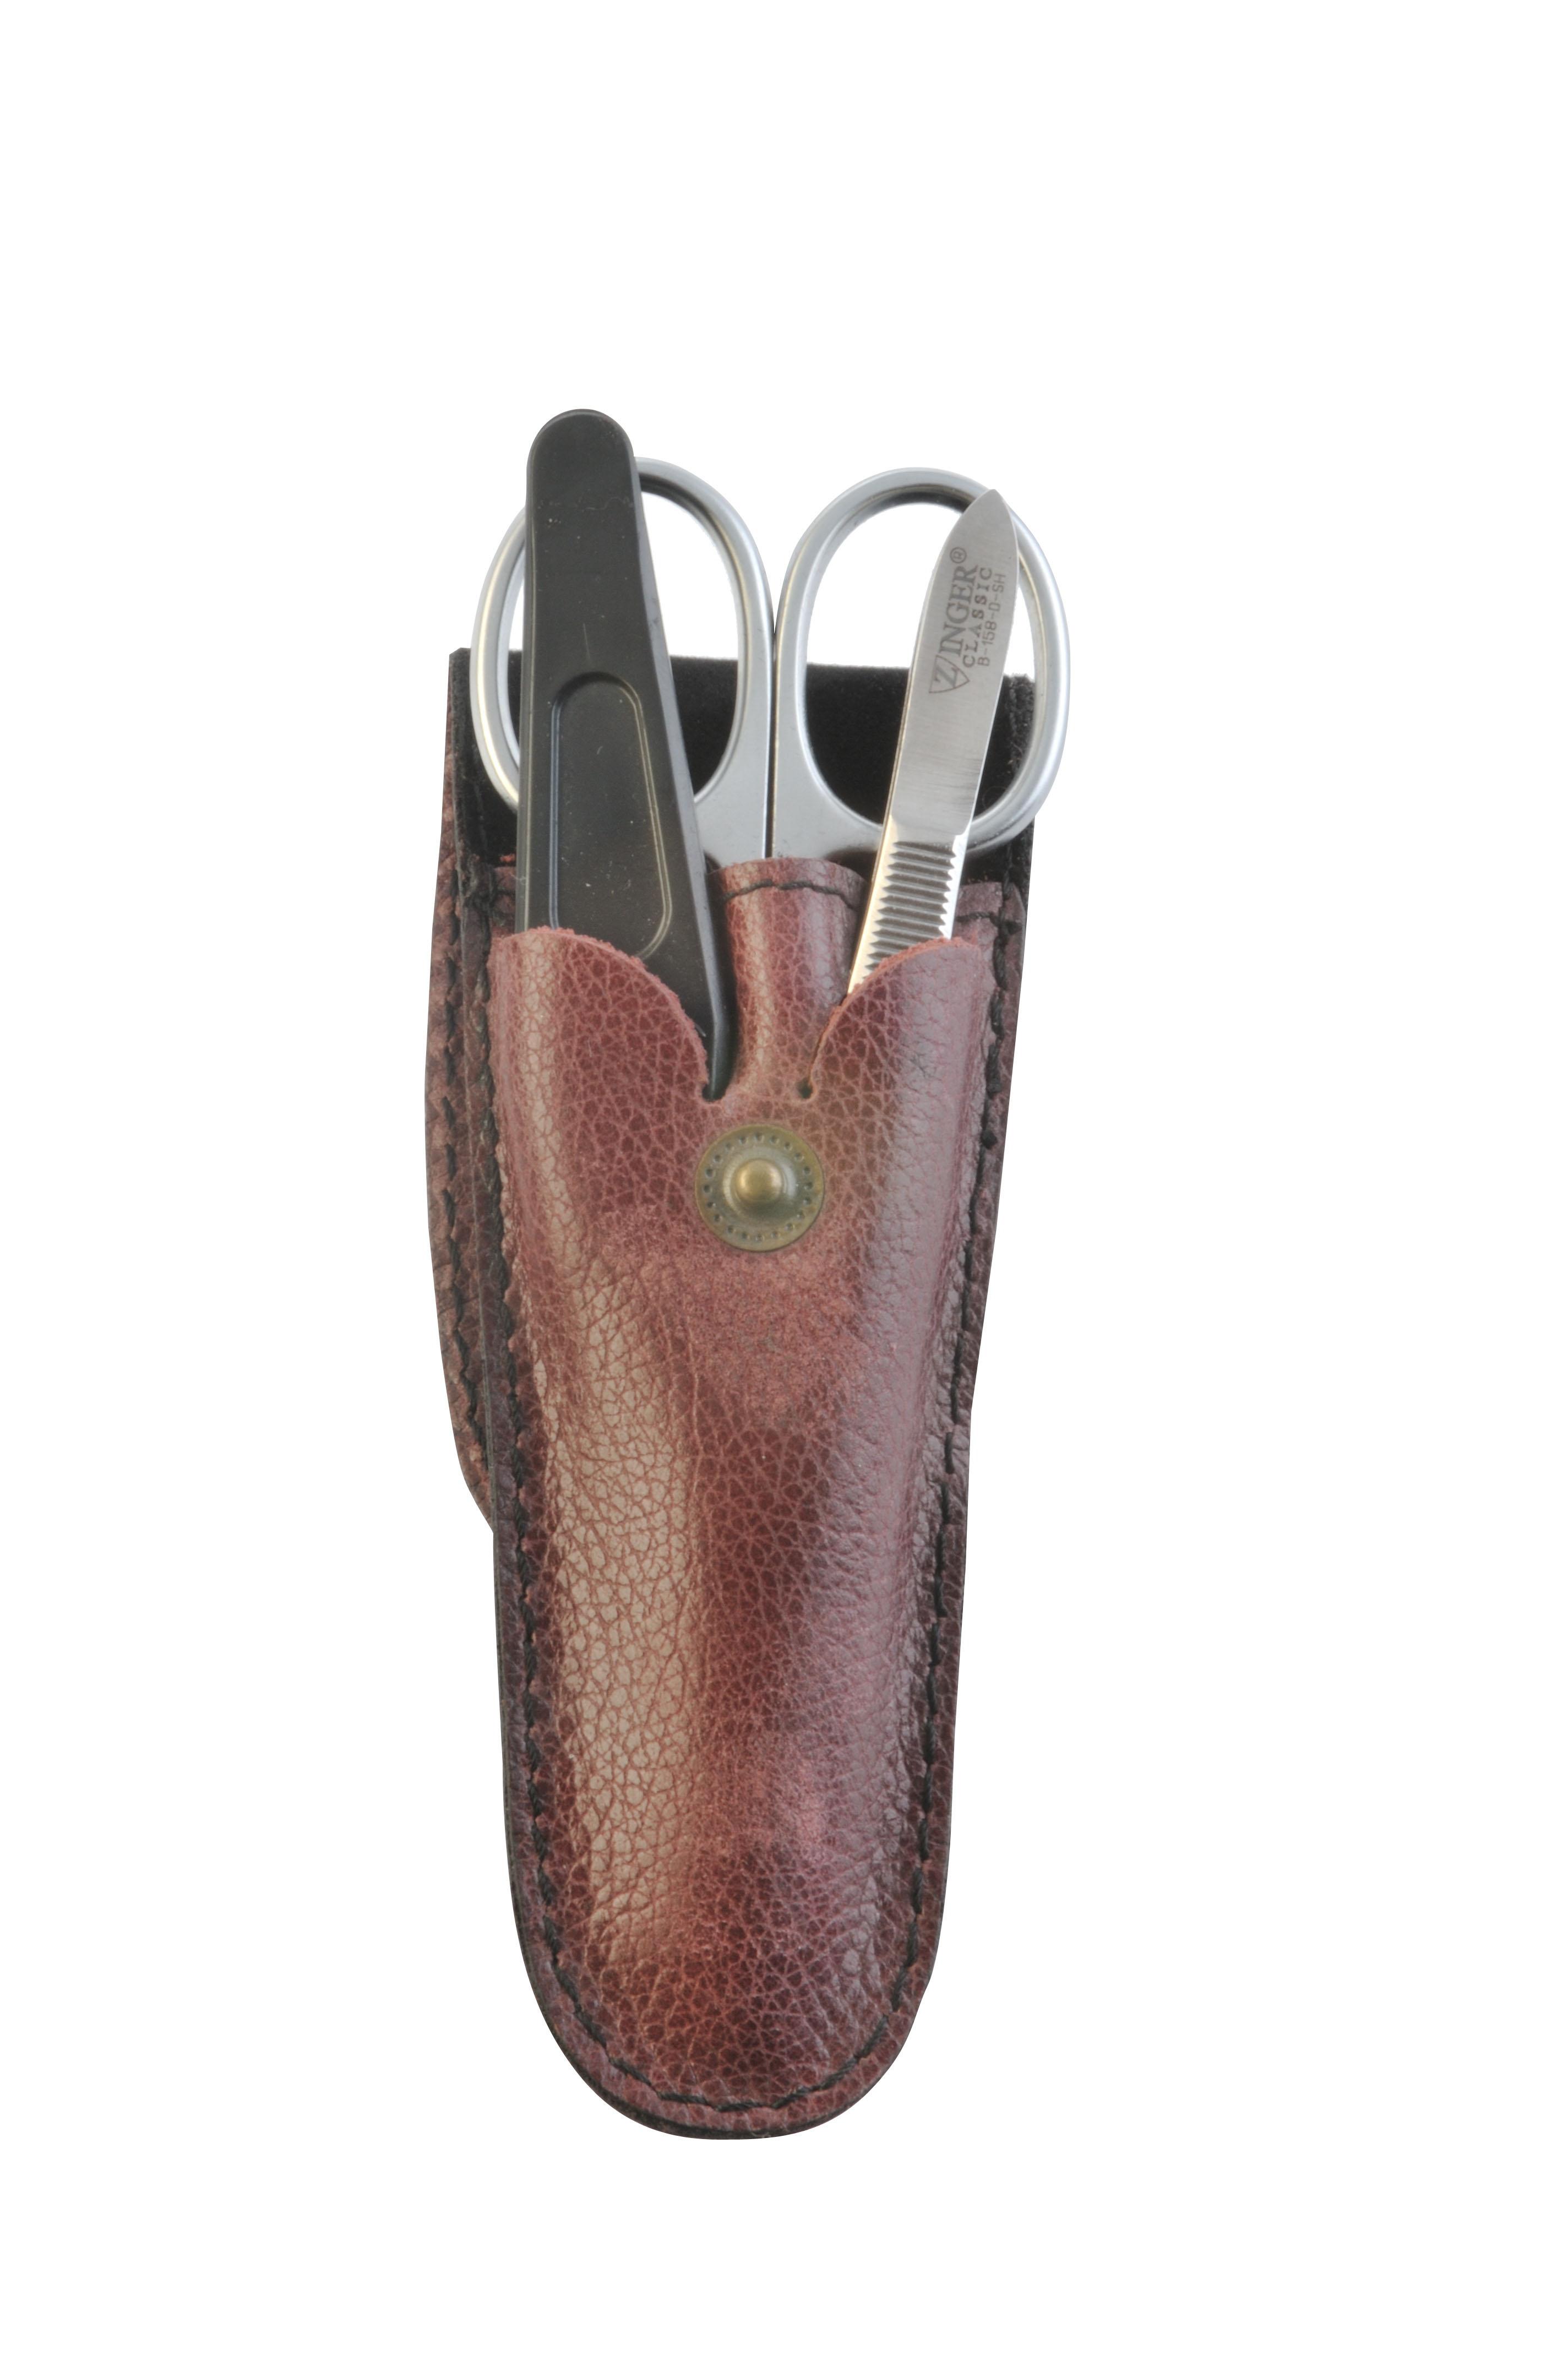 Zinger Маникюрный набор zMs Z-3 SMSC-FM20101Ман. набор 3 предмета (ножницы кутикульные, пилка алмазная , пинцет). Чехол натуральная кожа. Цвет инструментов - матовое серебро. Оригинальня фирменная коробка